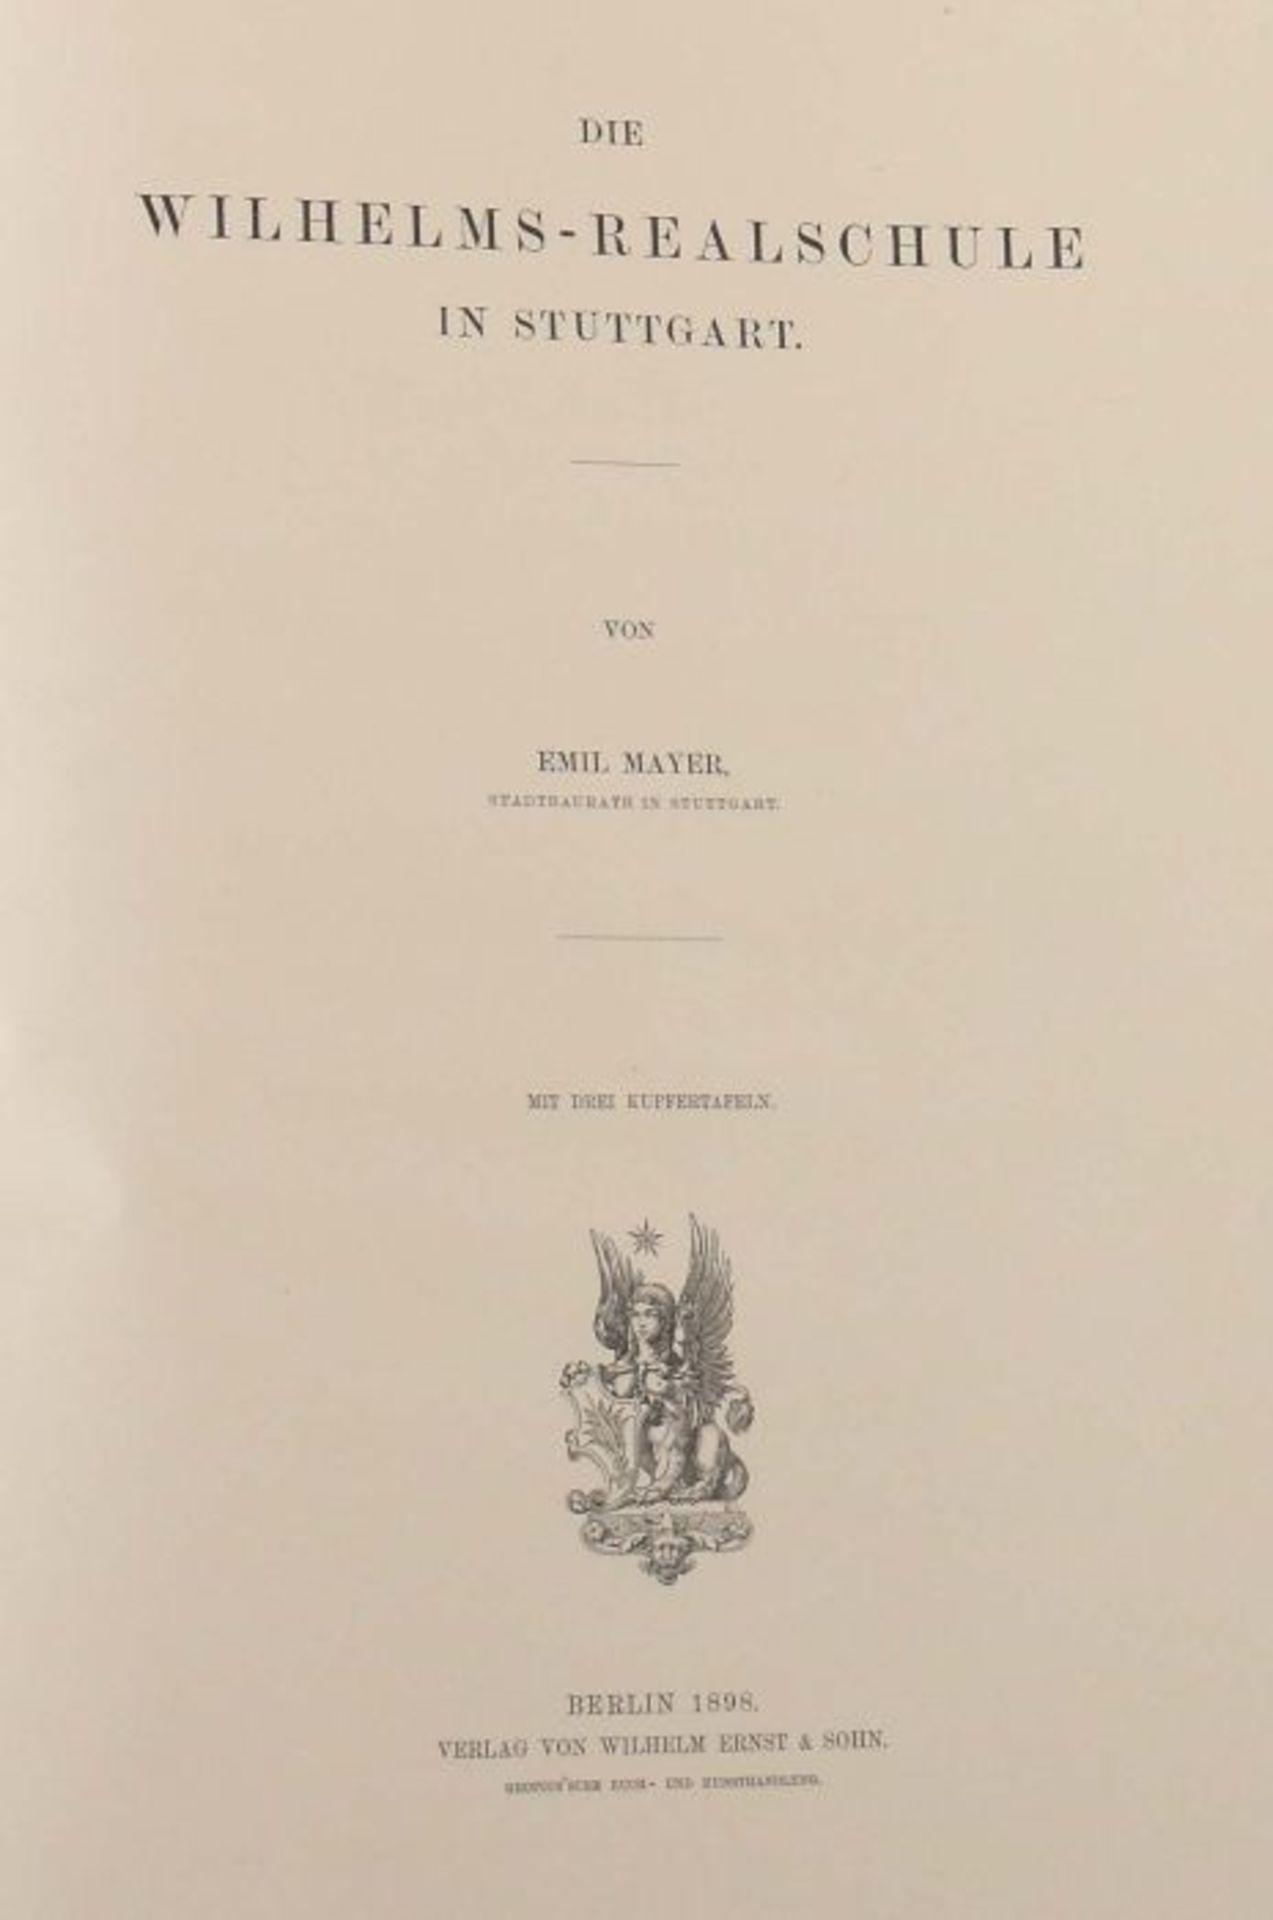 Mayer, Emil Die Wilhelms-Realschule in Stuttgart, Berlin, Ernst & Sohn, 1898, 6 S. sowie - Bild 2 aus 4